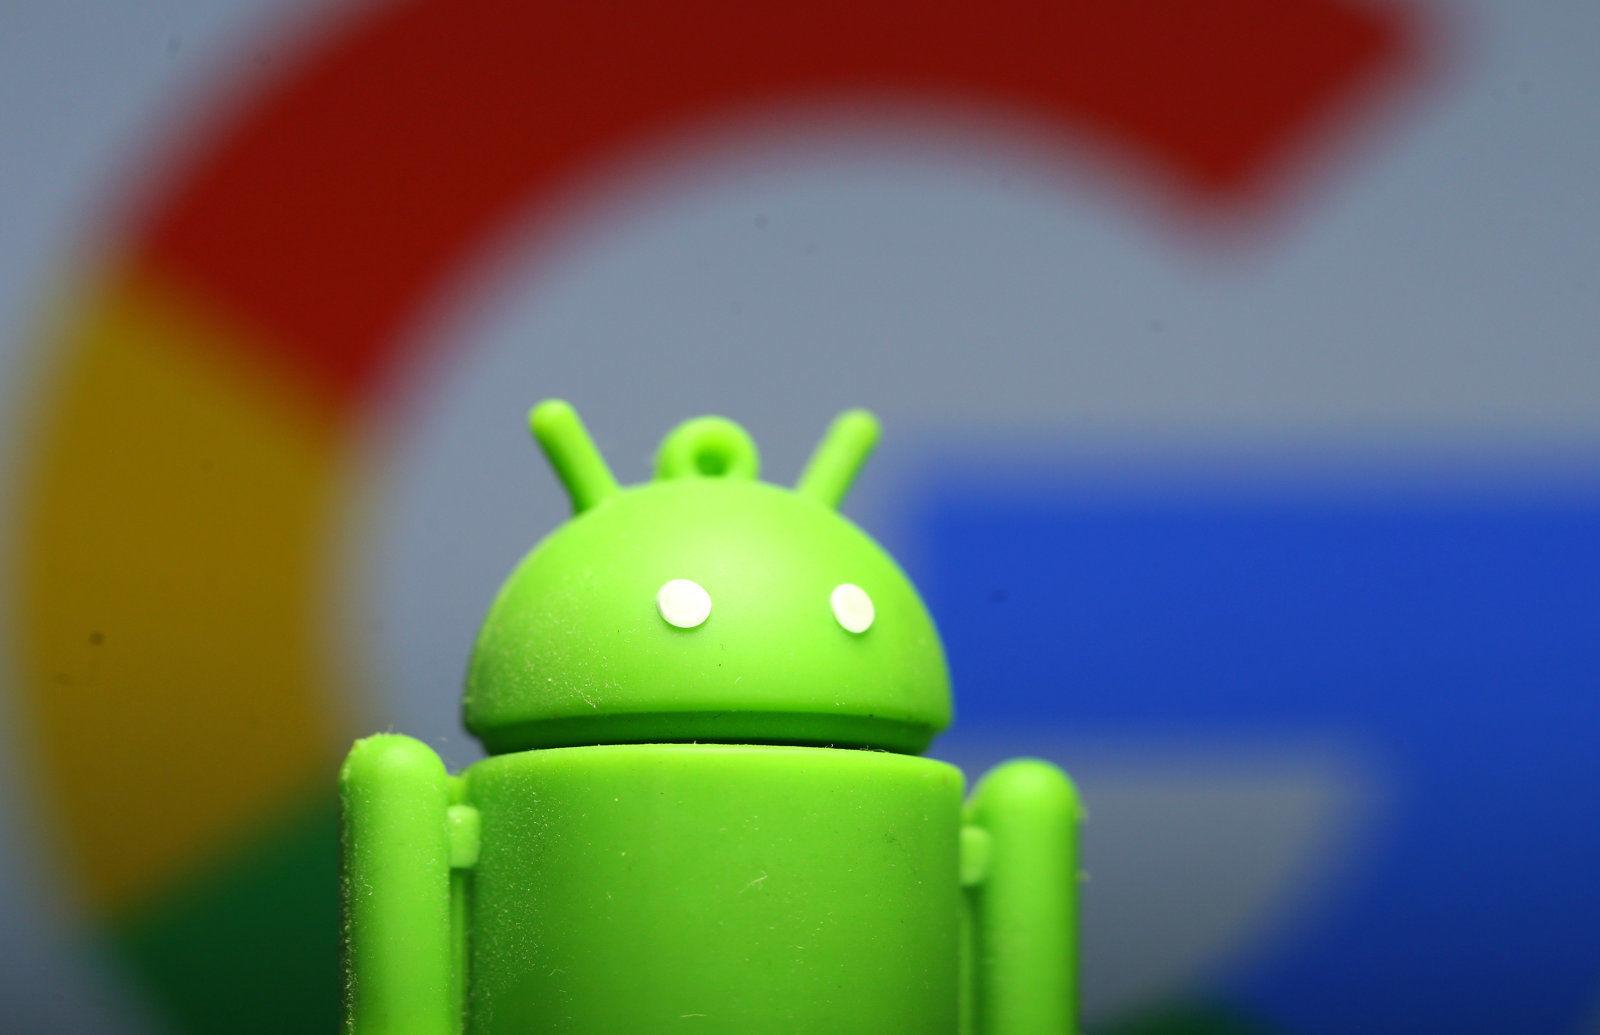 Google Play経由で10万回以上ダウンされたスパイウェアが発覚。最初は無害、更新で悪性化しチェックを回避か - Engadget 日本版